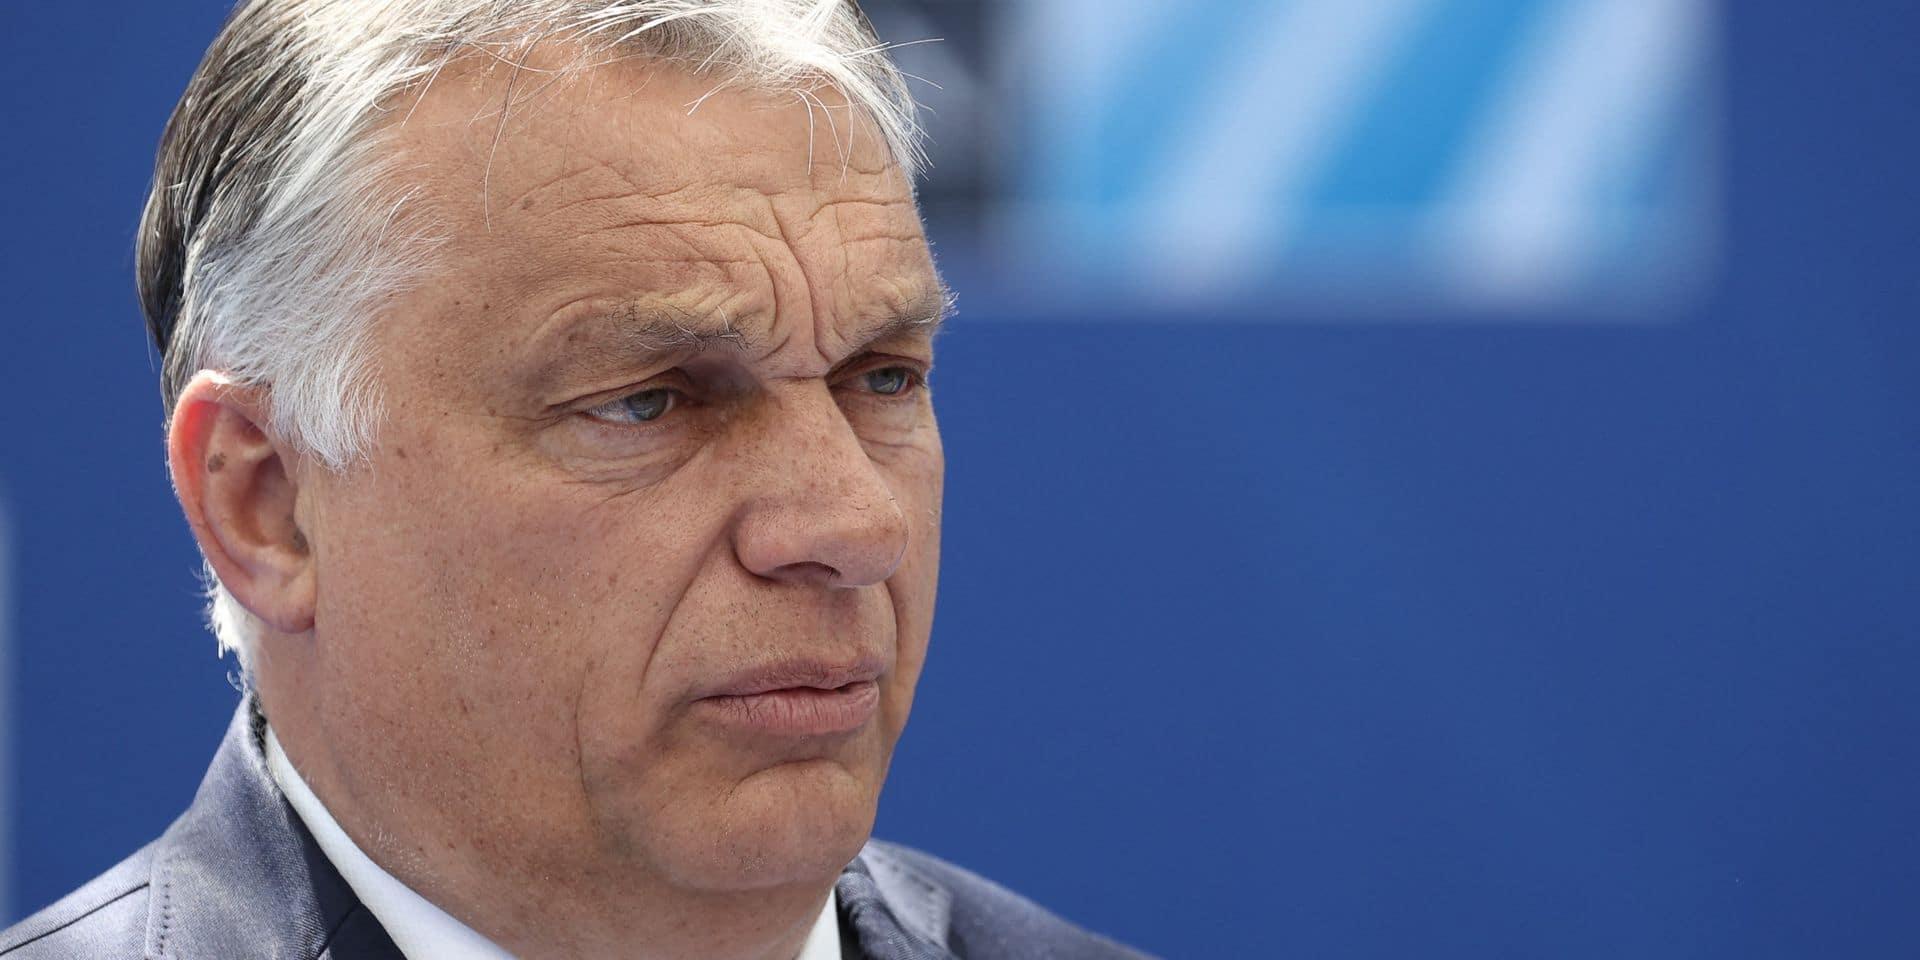 Le Premier ministre hongrois Orban veut limiter le pouvoir du Parlement européen